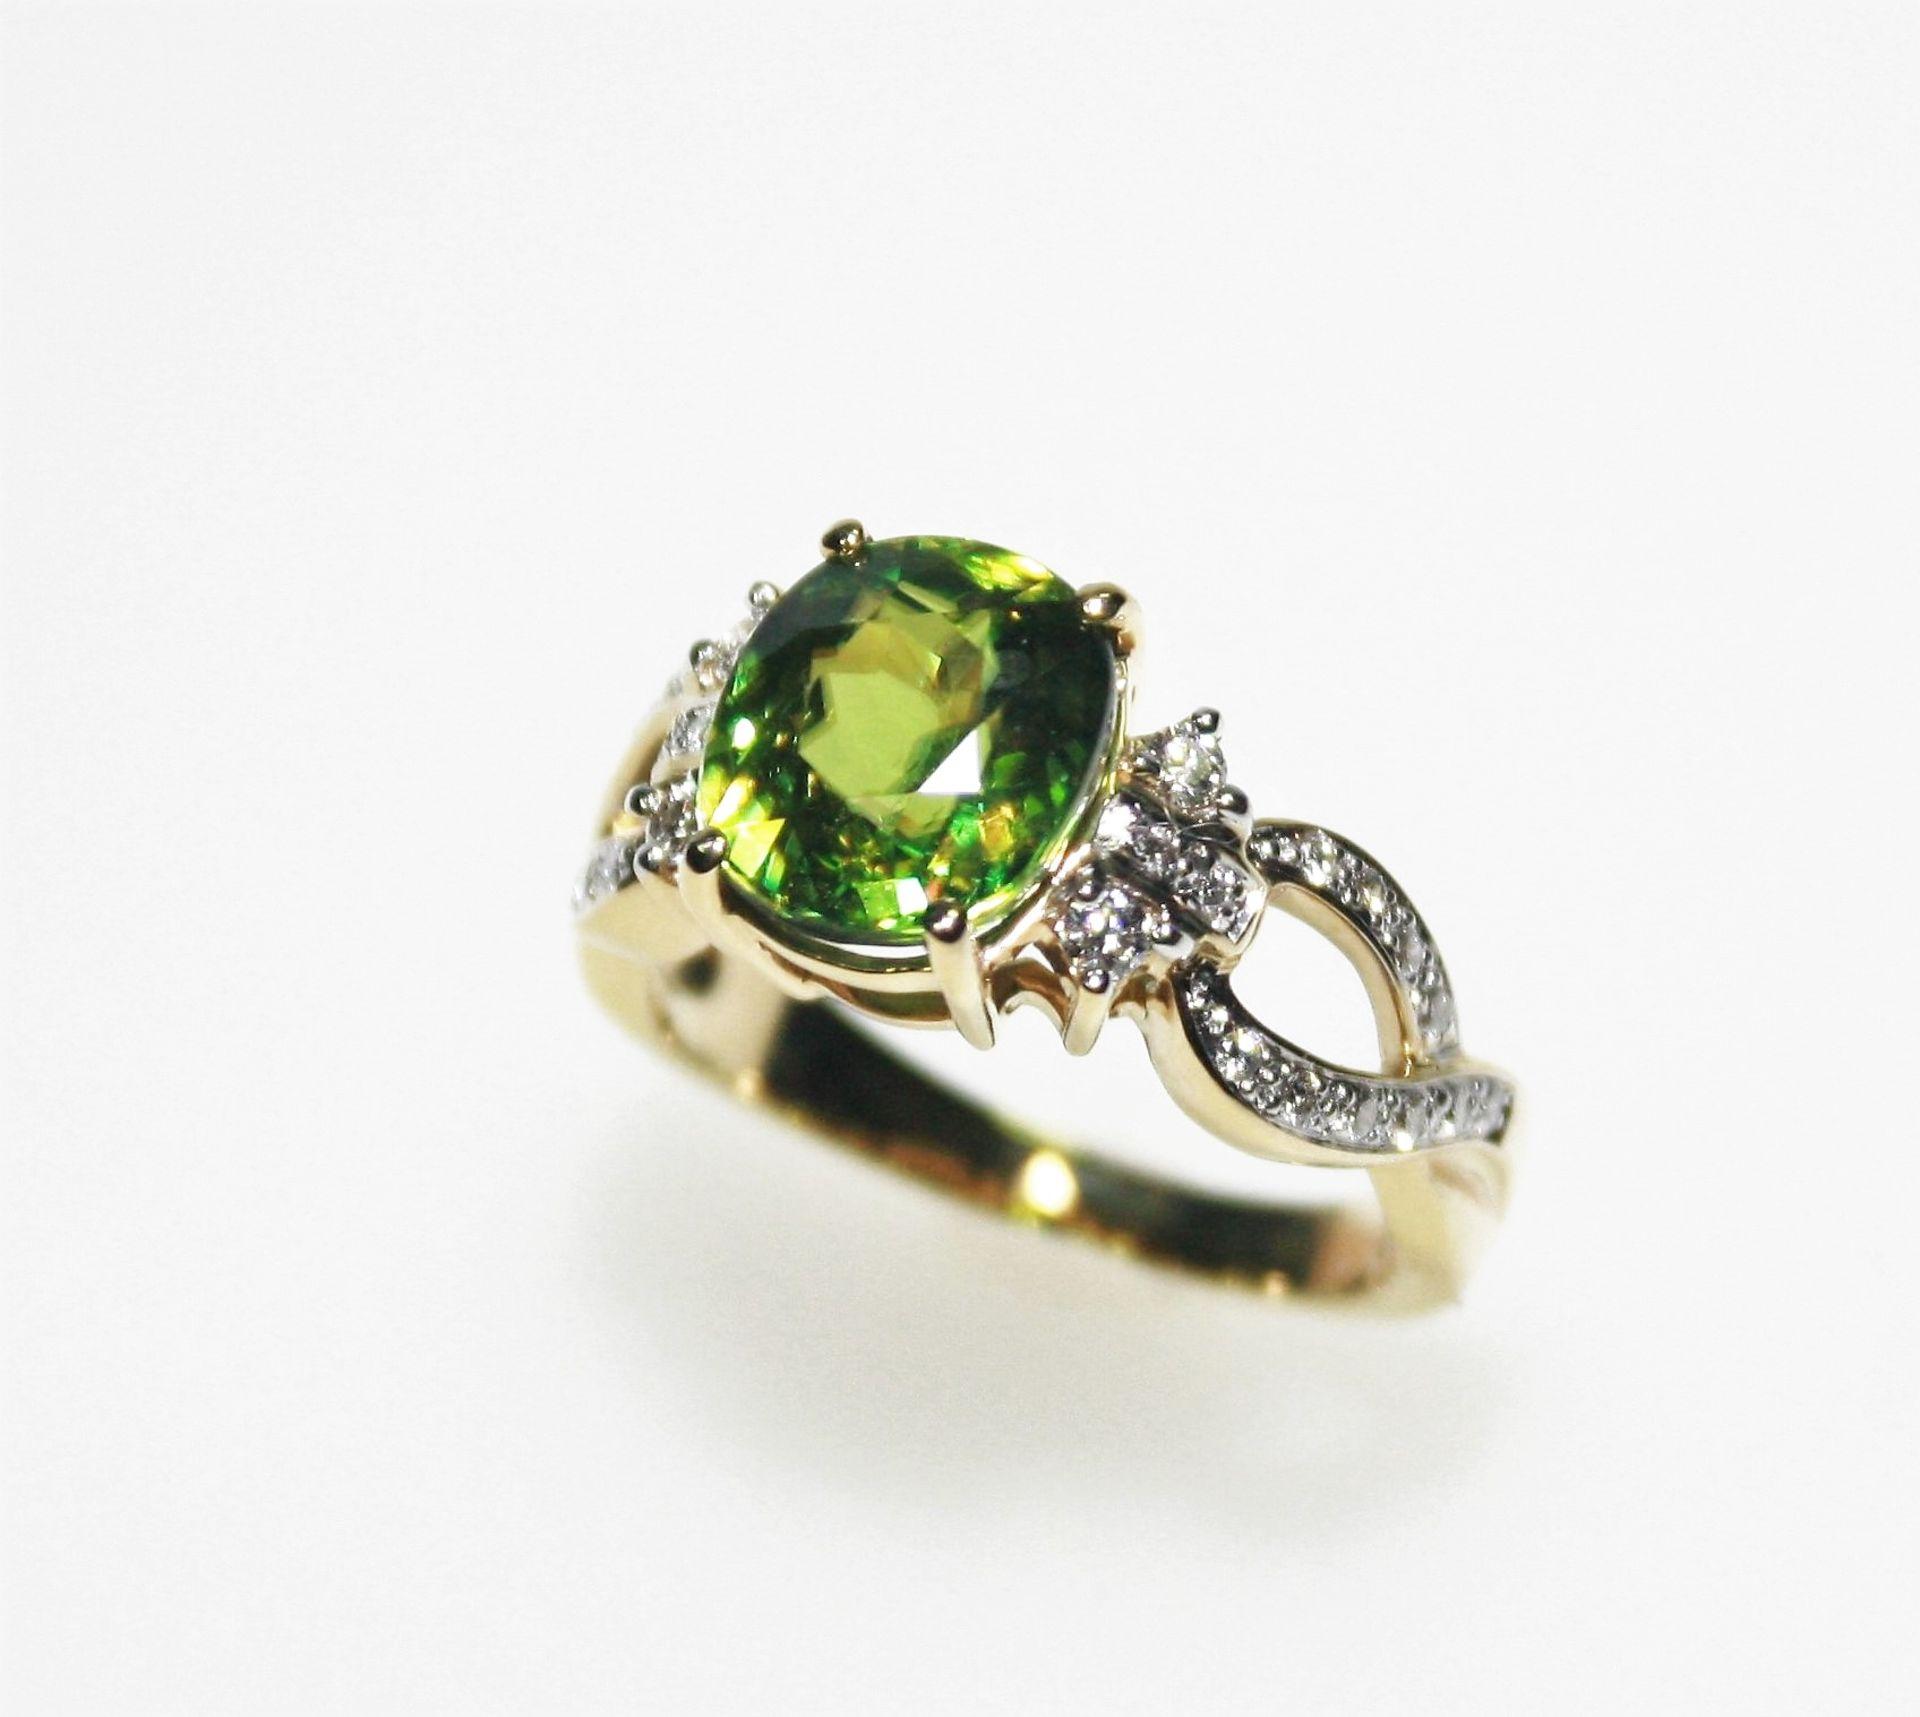 Moderner, goldener Ring 750/f gest. mit grünem Schmuckstein, vermutlich Peridot, seitlich